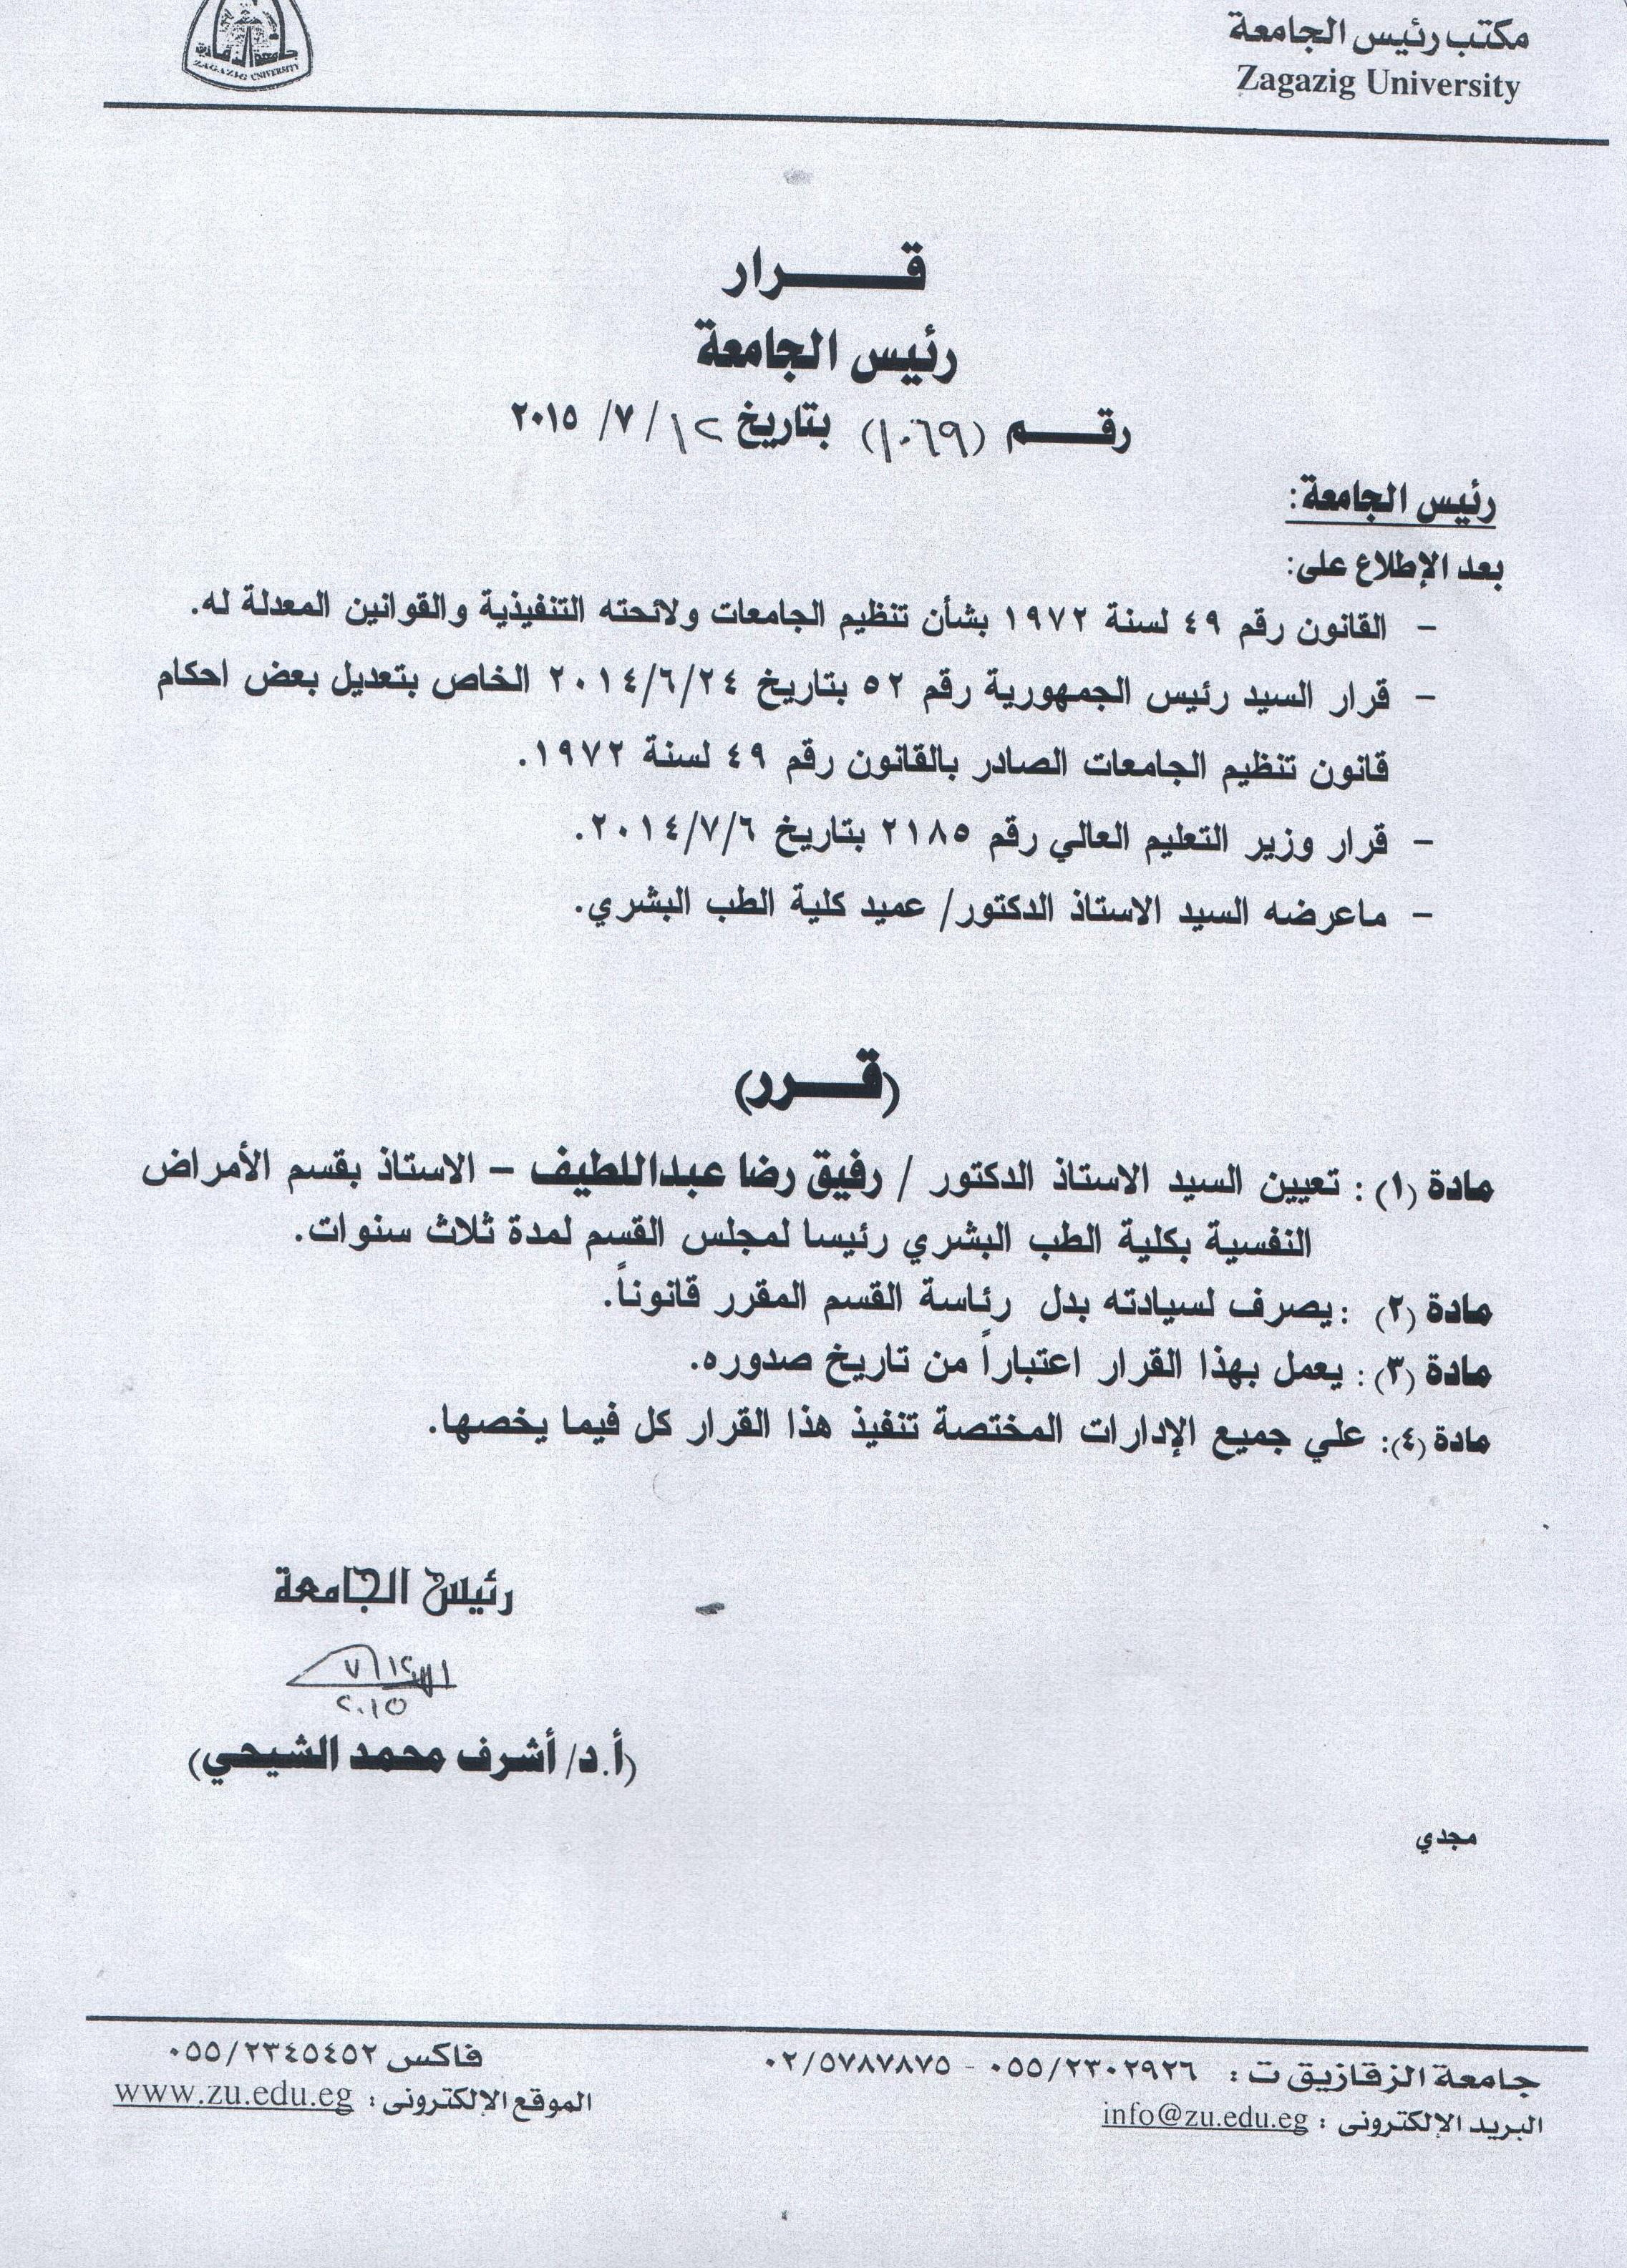 Rafik reda Latif chairman of the psychiatric department